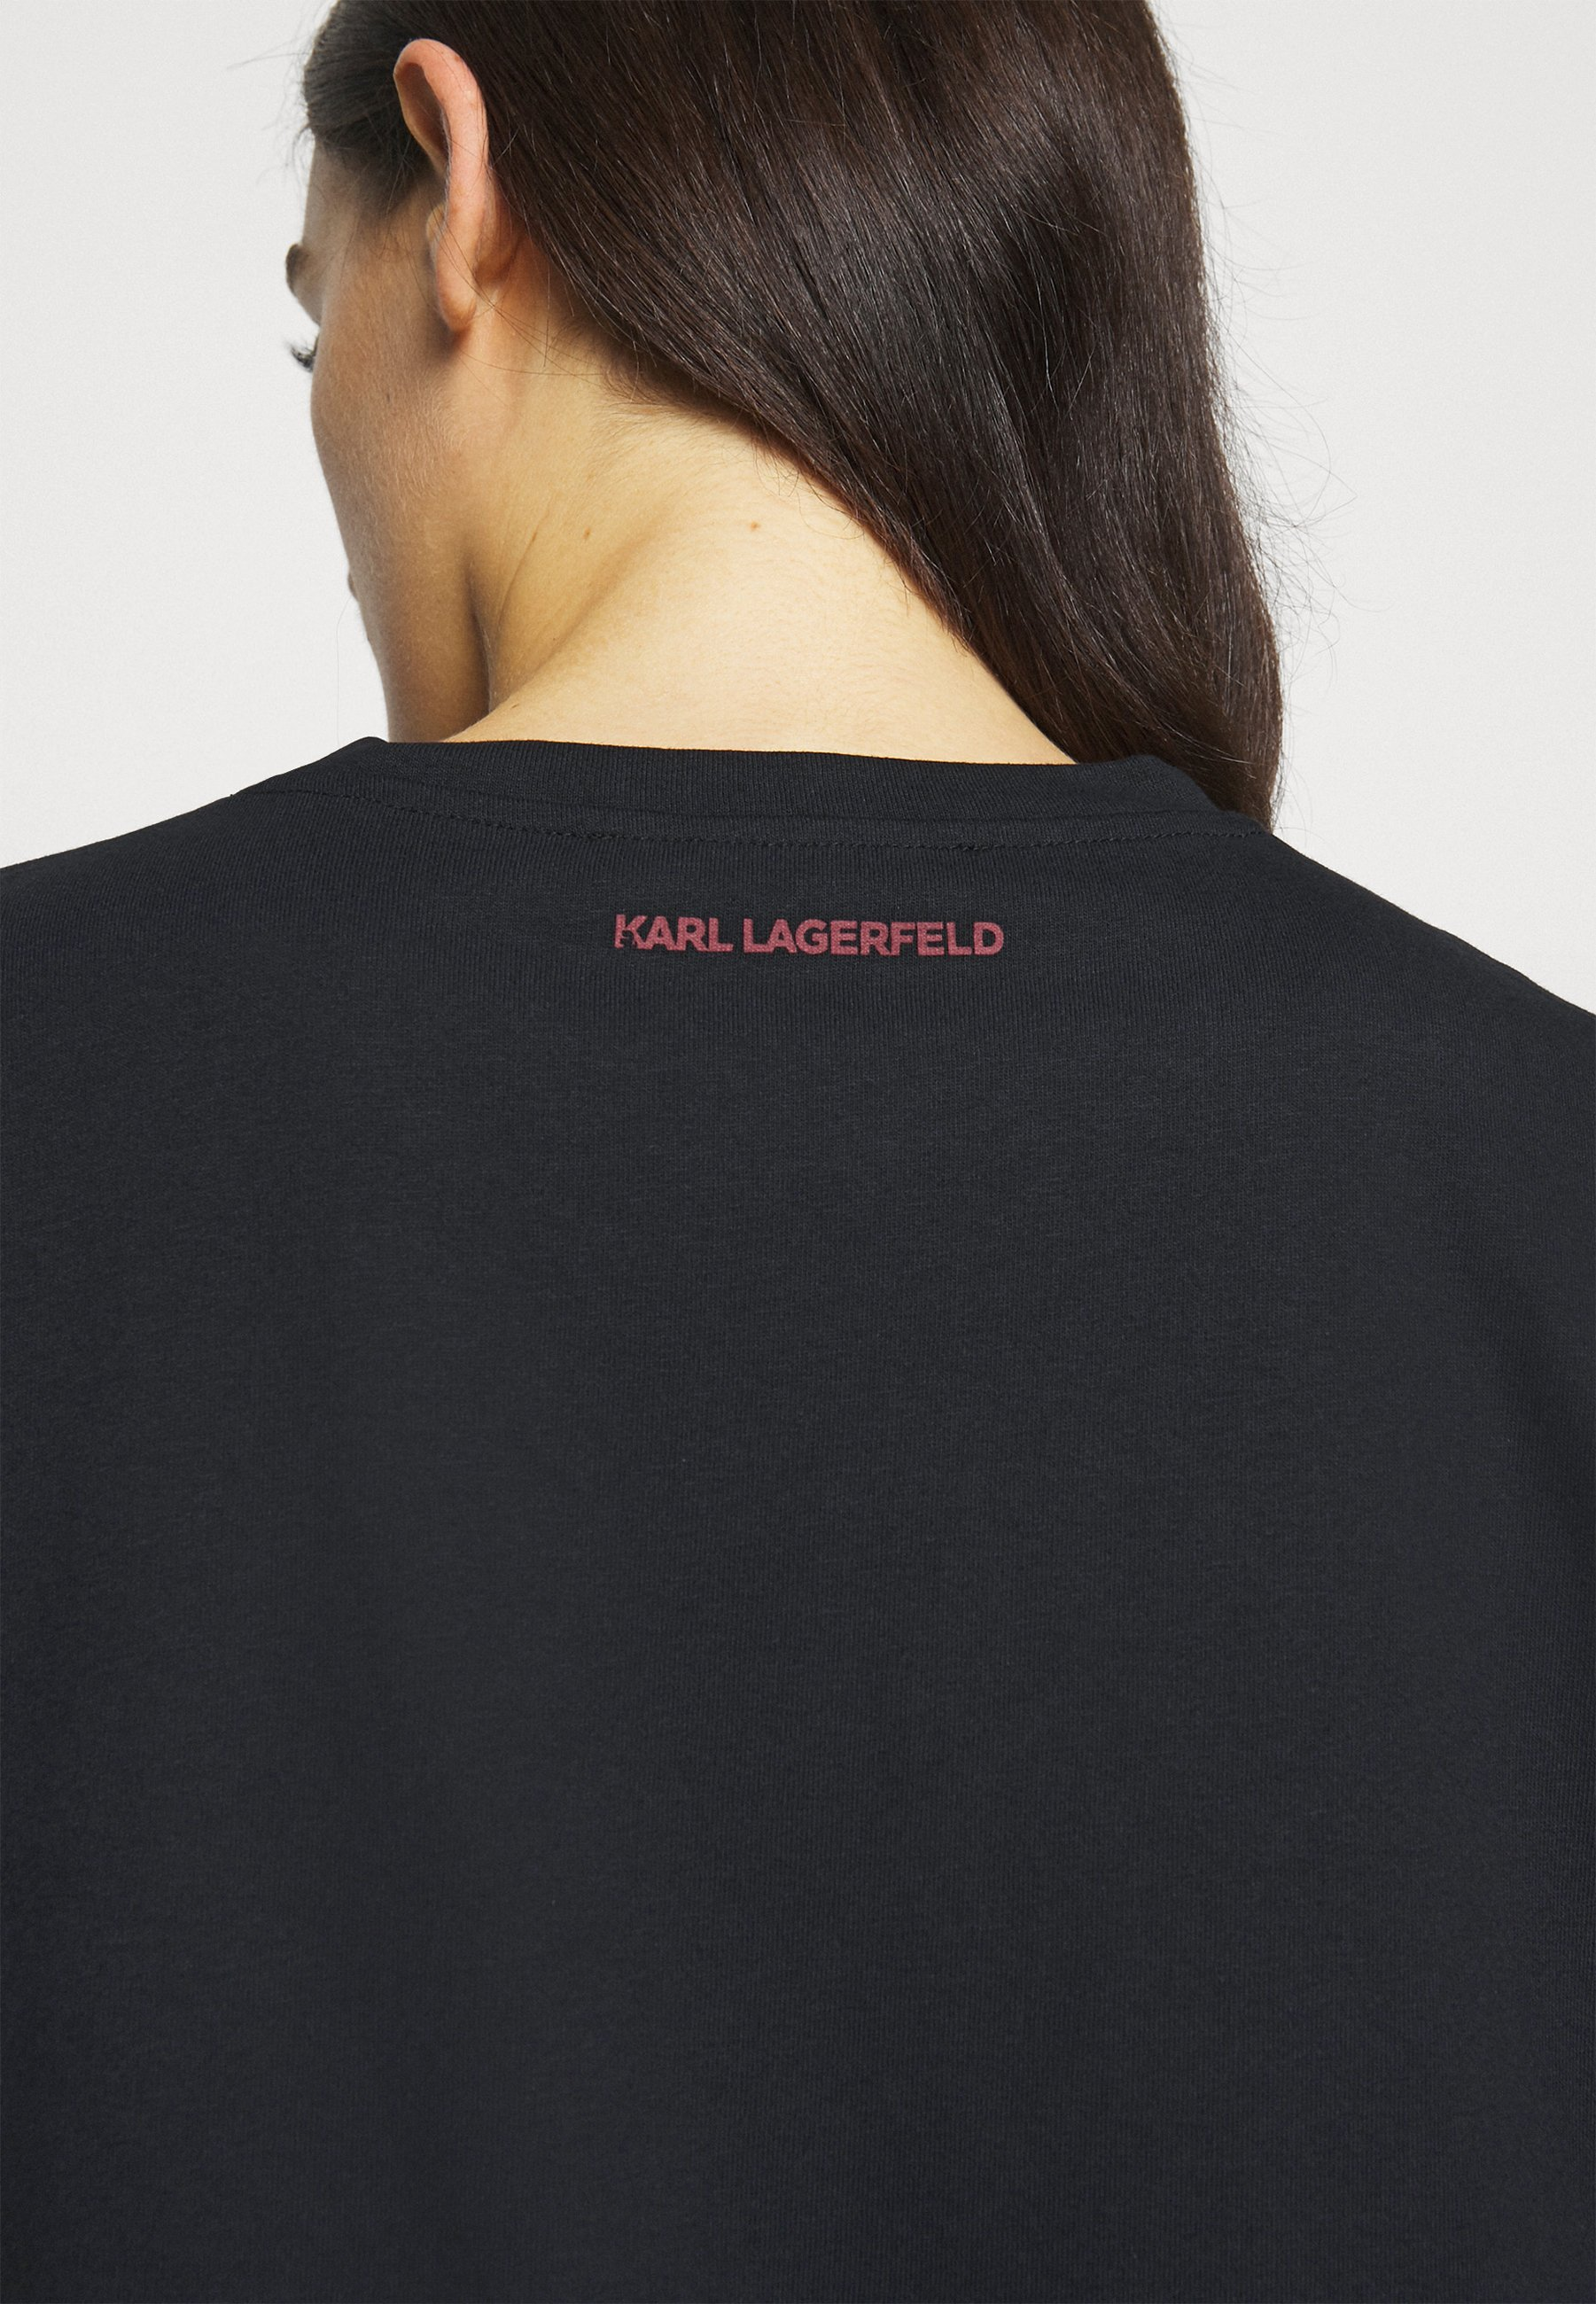 Karl Lagerfeld Rock Star Tee - T-shirts Med Print Black/svart